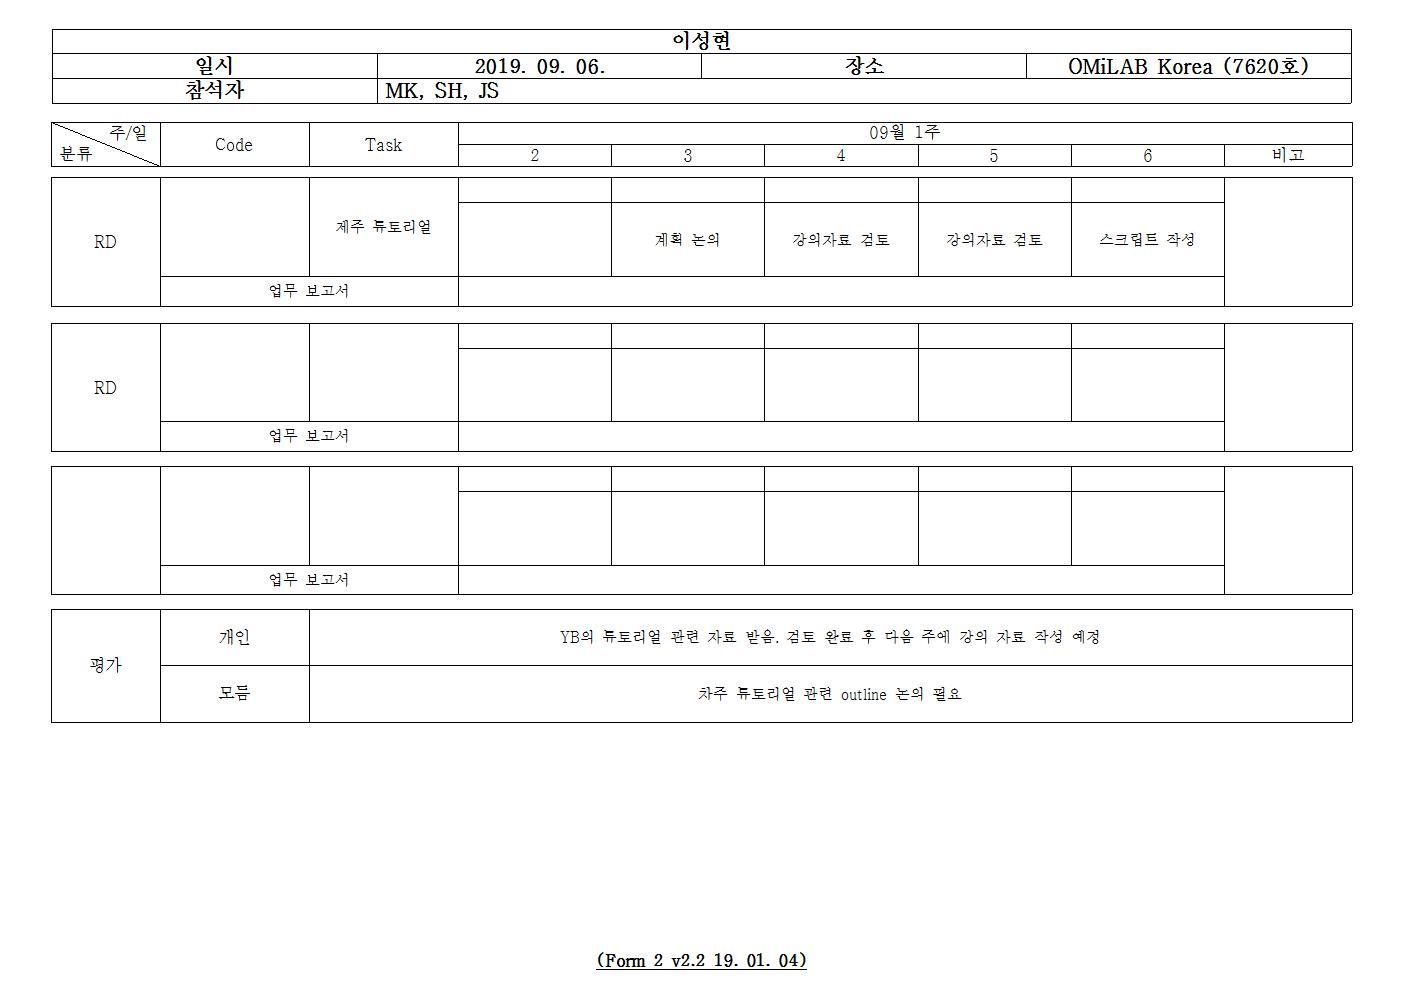 5-Fri-2019-09-06-Minute(SH)-[19-9-1]-[P+D+C]001.jpg